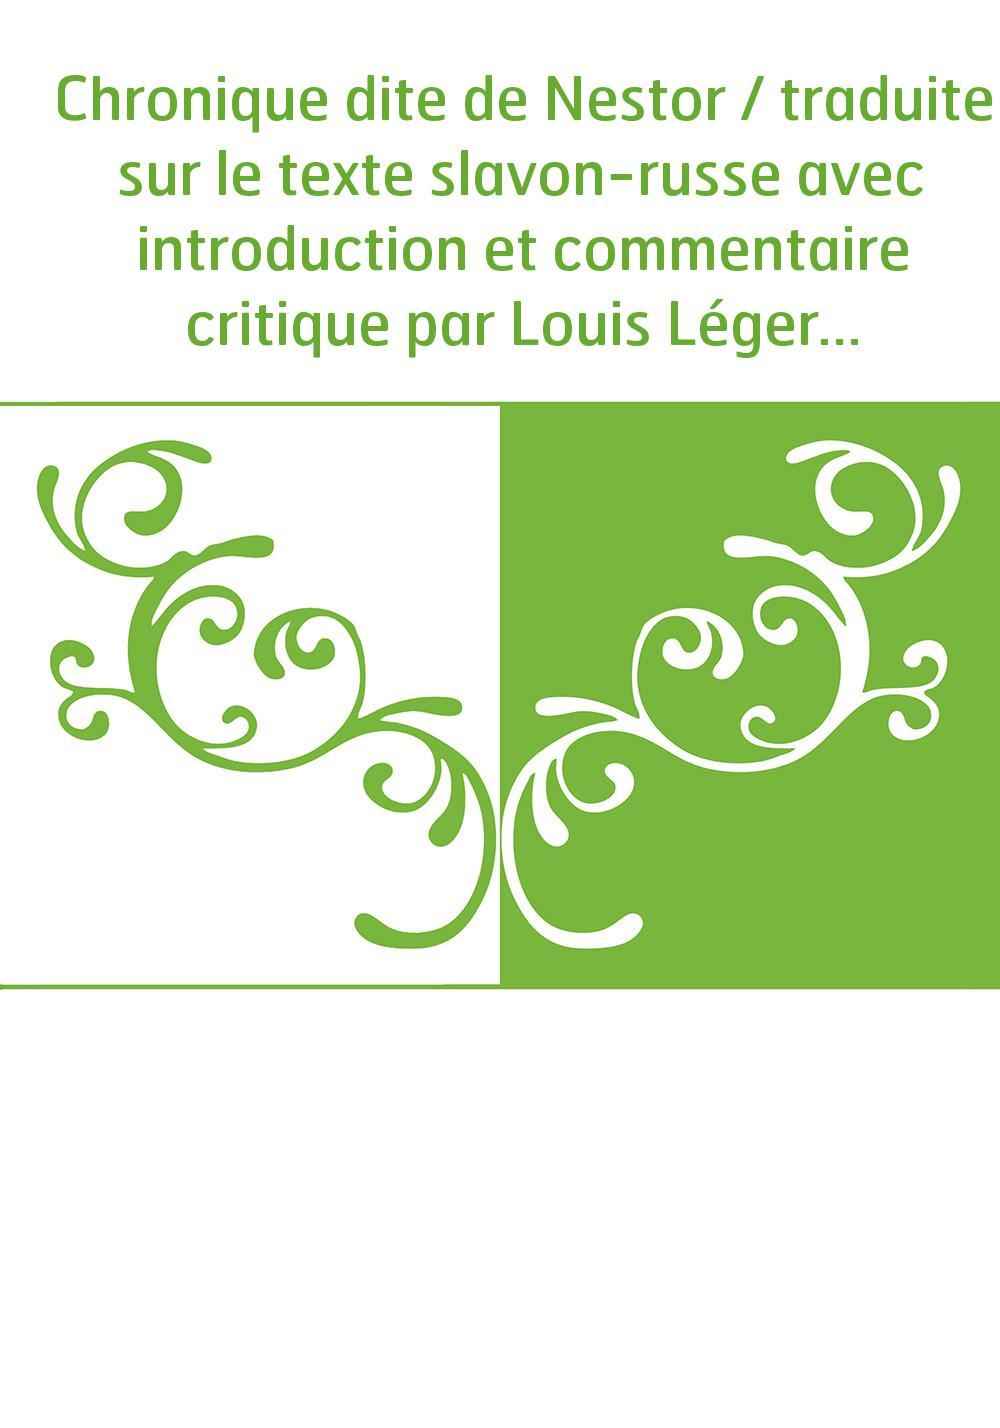 Chronique dite de Nestor / traduite sur le texte slavon-russe avec introduction et commentaire critique par Louis Léger,...